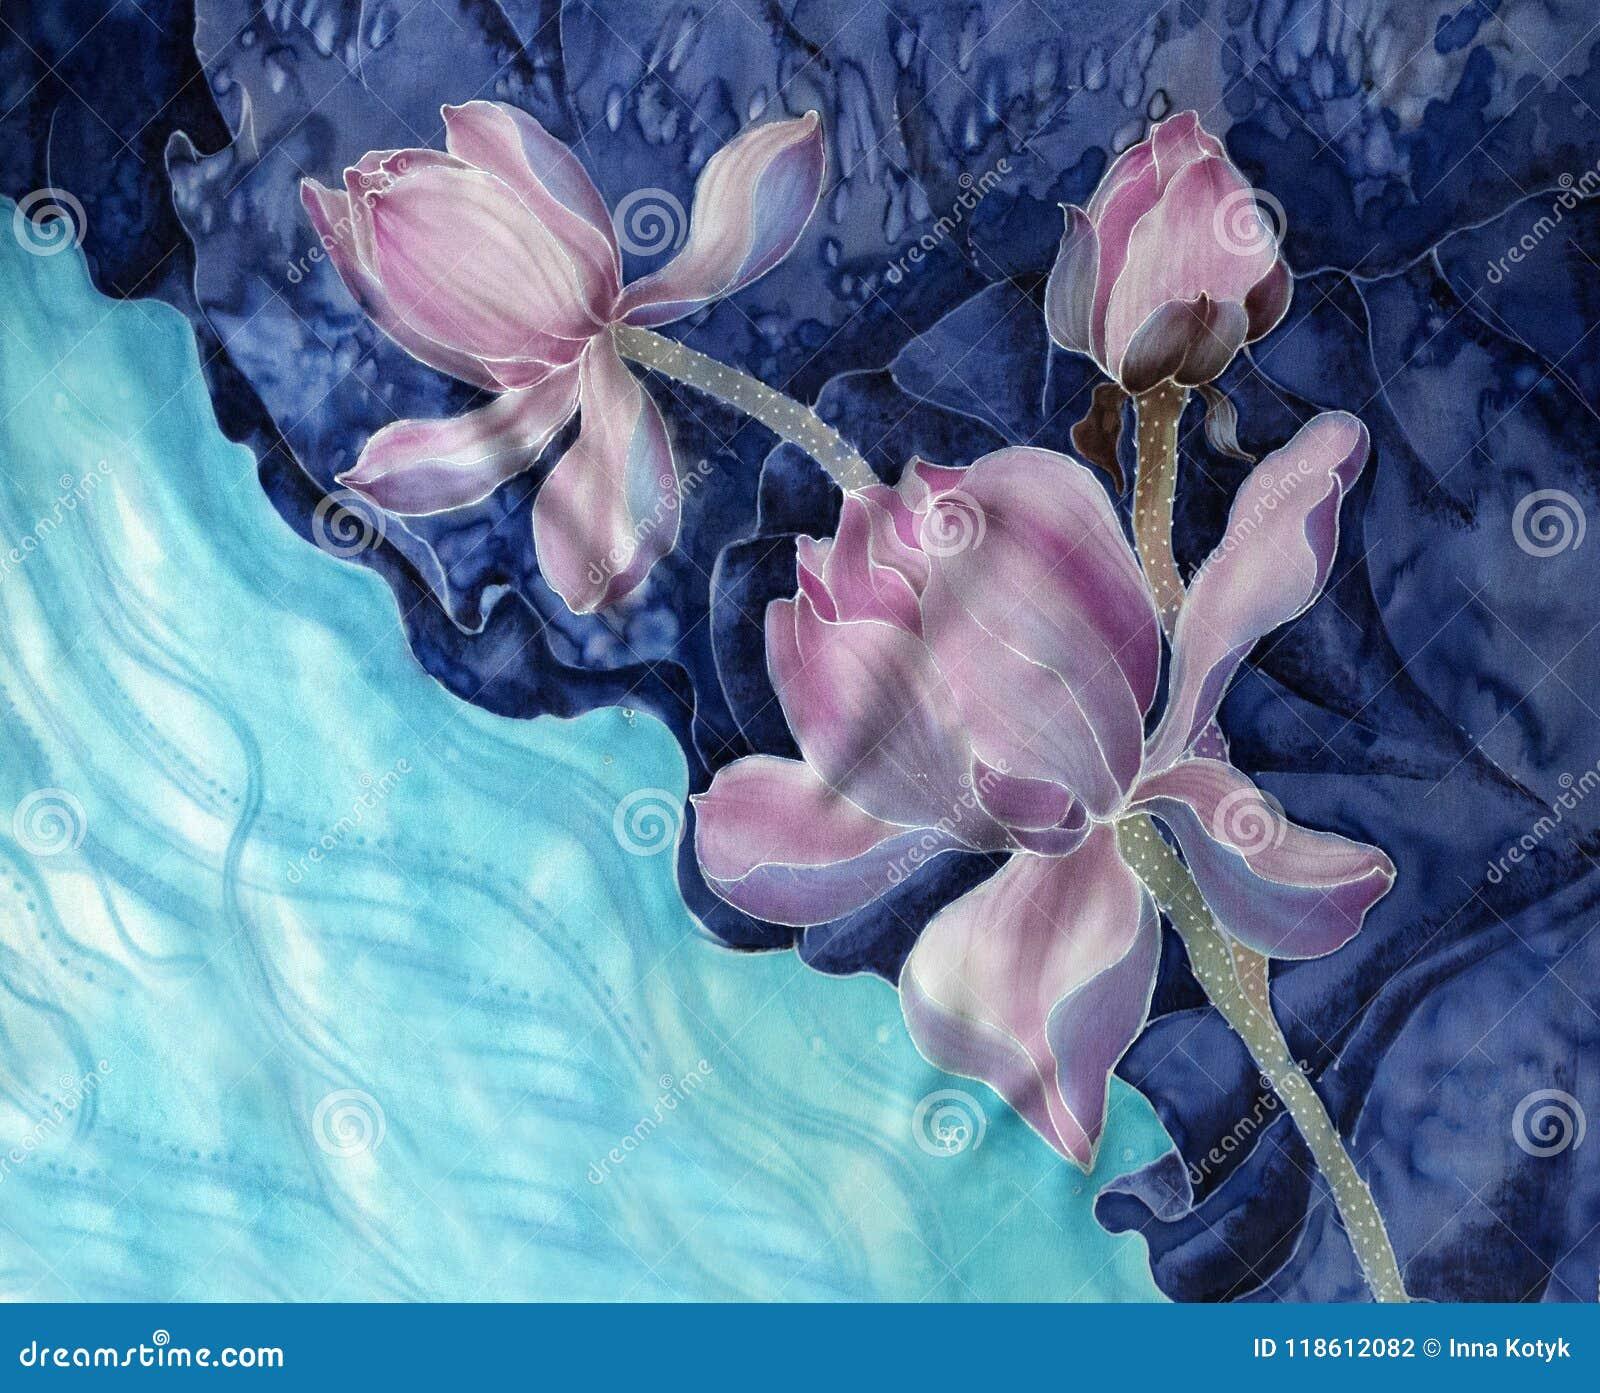 Τα lotuses bathsheba Διακοσμητική σύνθεση των λουλουδιών, φύλλα, οφθαλμοί Η χρήση τύπωσε τα υλικά, σημάδια, στοιχεία, ιστοχώροι,